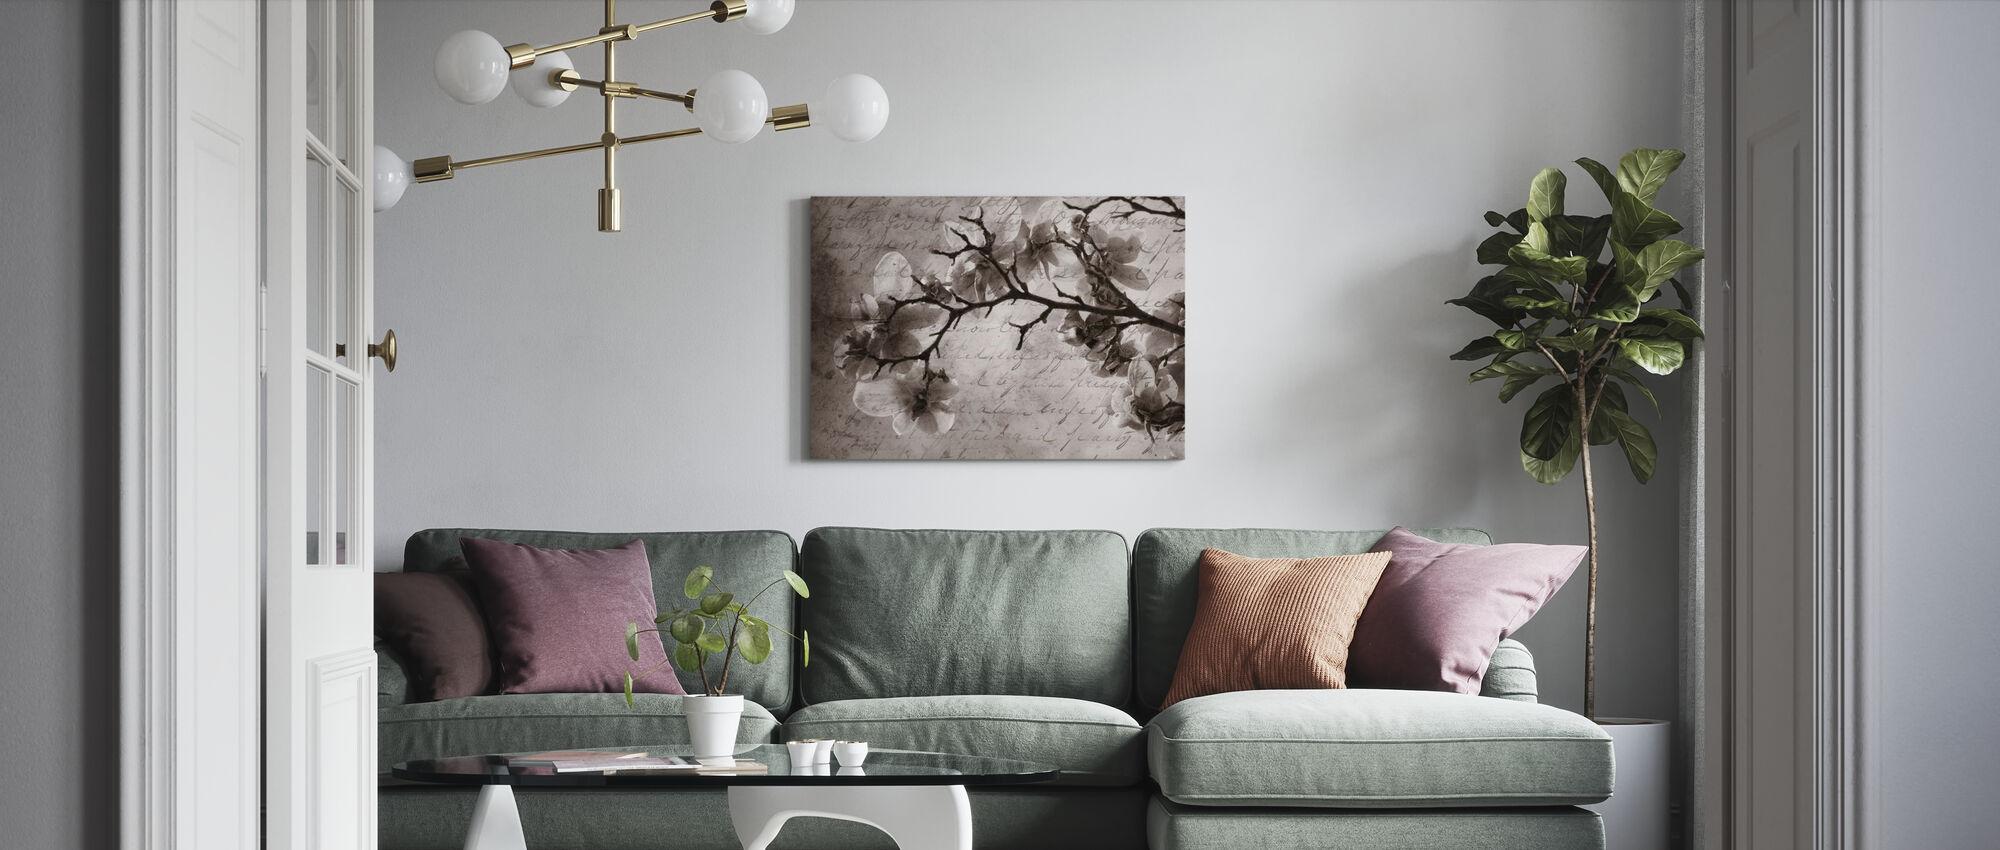 Mémoires Magnolia - Impression sur toile - Salle à manger